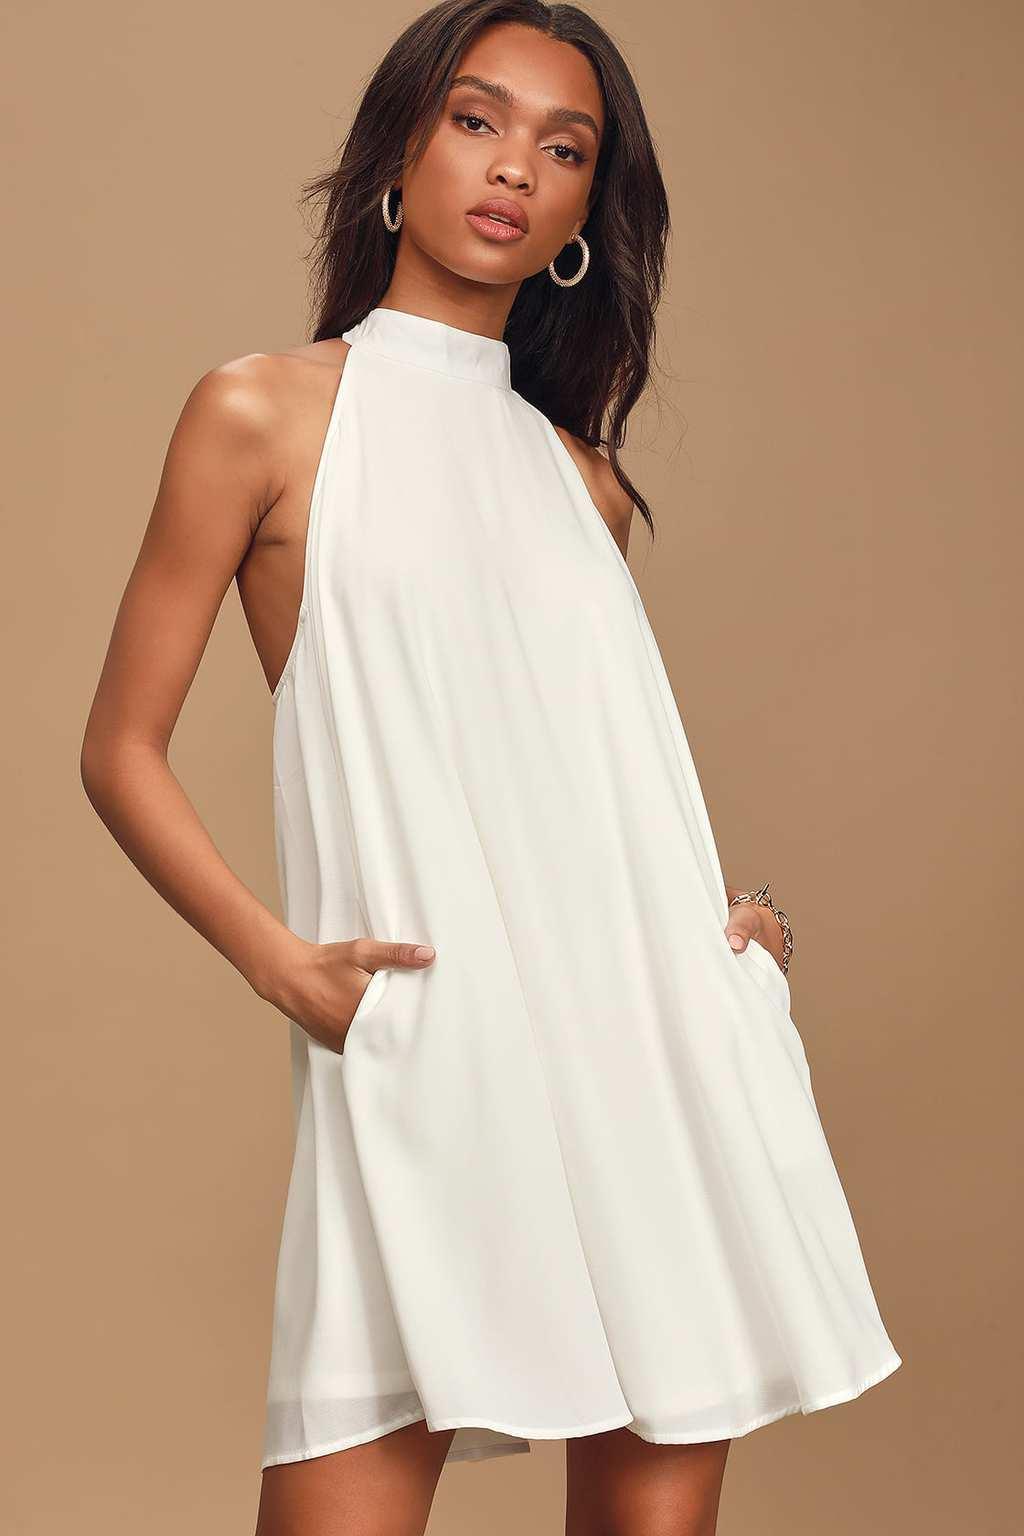 White halter swing dress from Lulu's